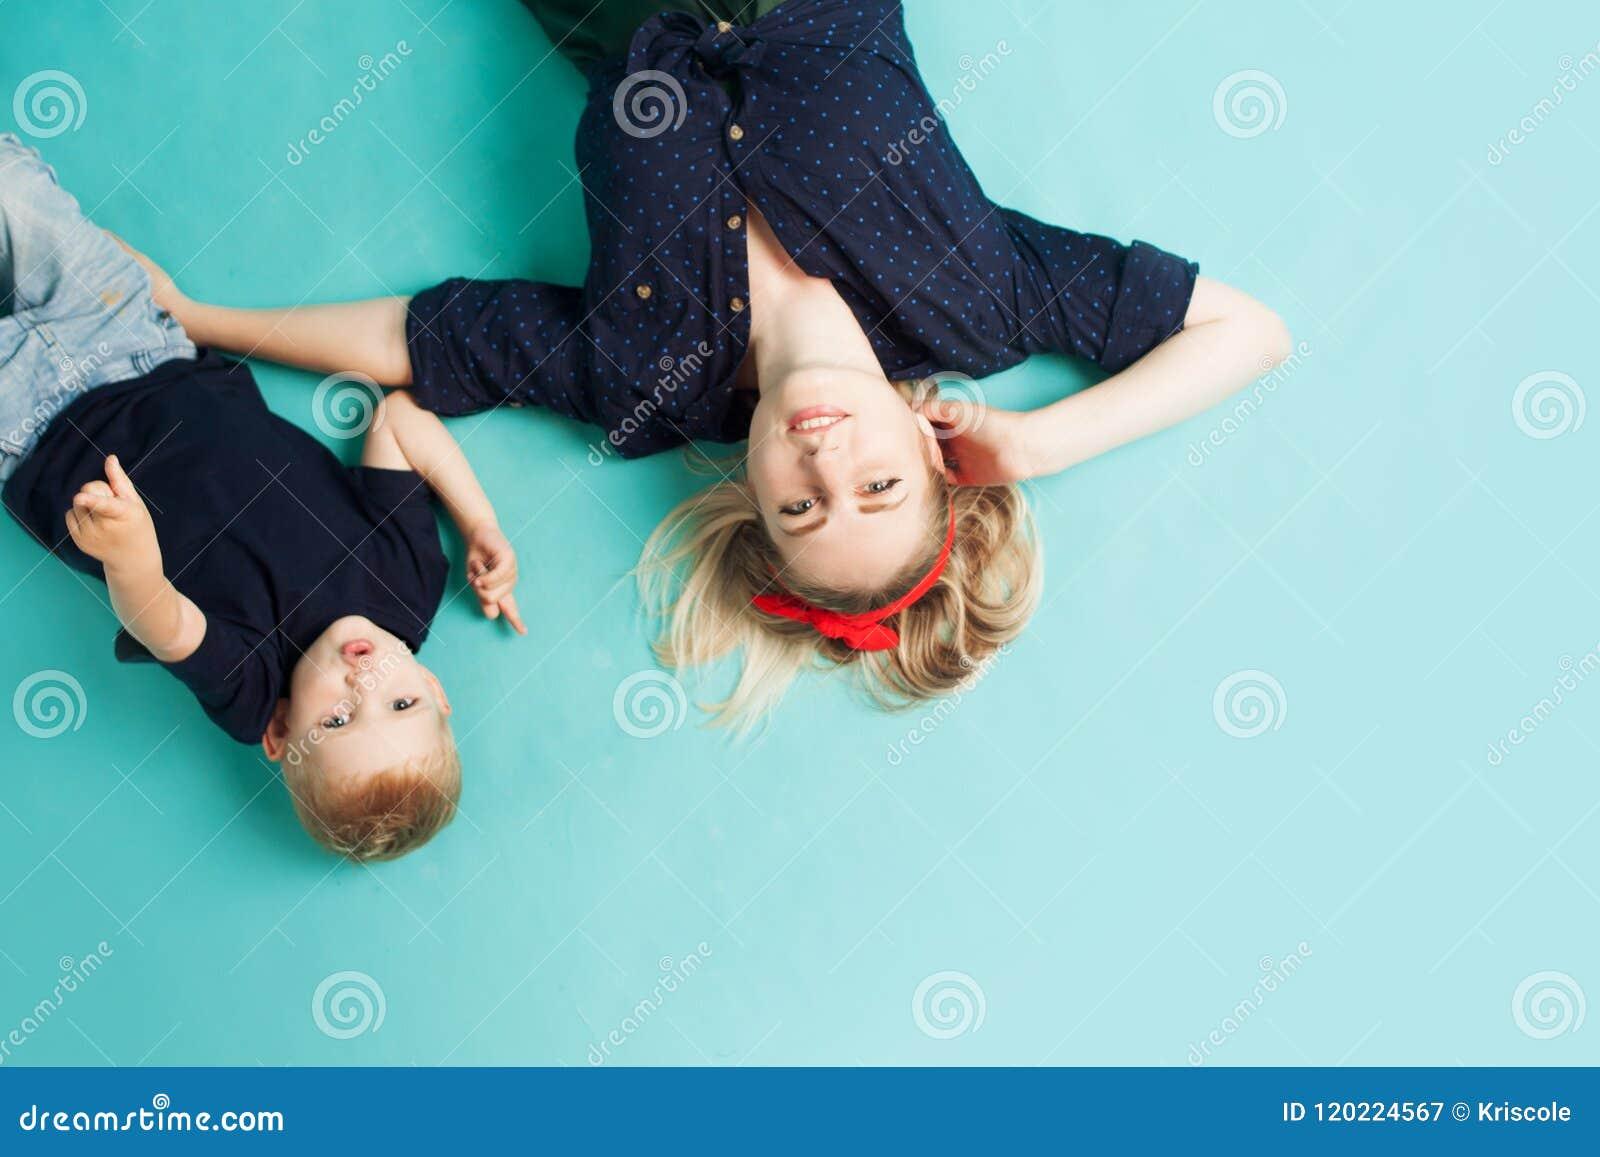 Glückliche Familie Junge schöne blonde Frau mit Spaßsohn Lüge, die Ansicht von der Spitze